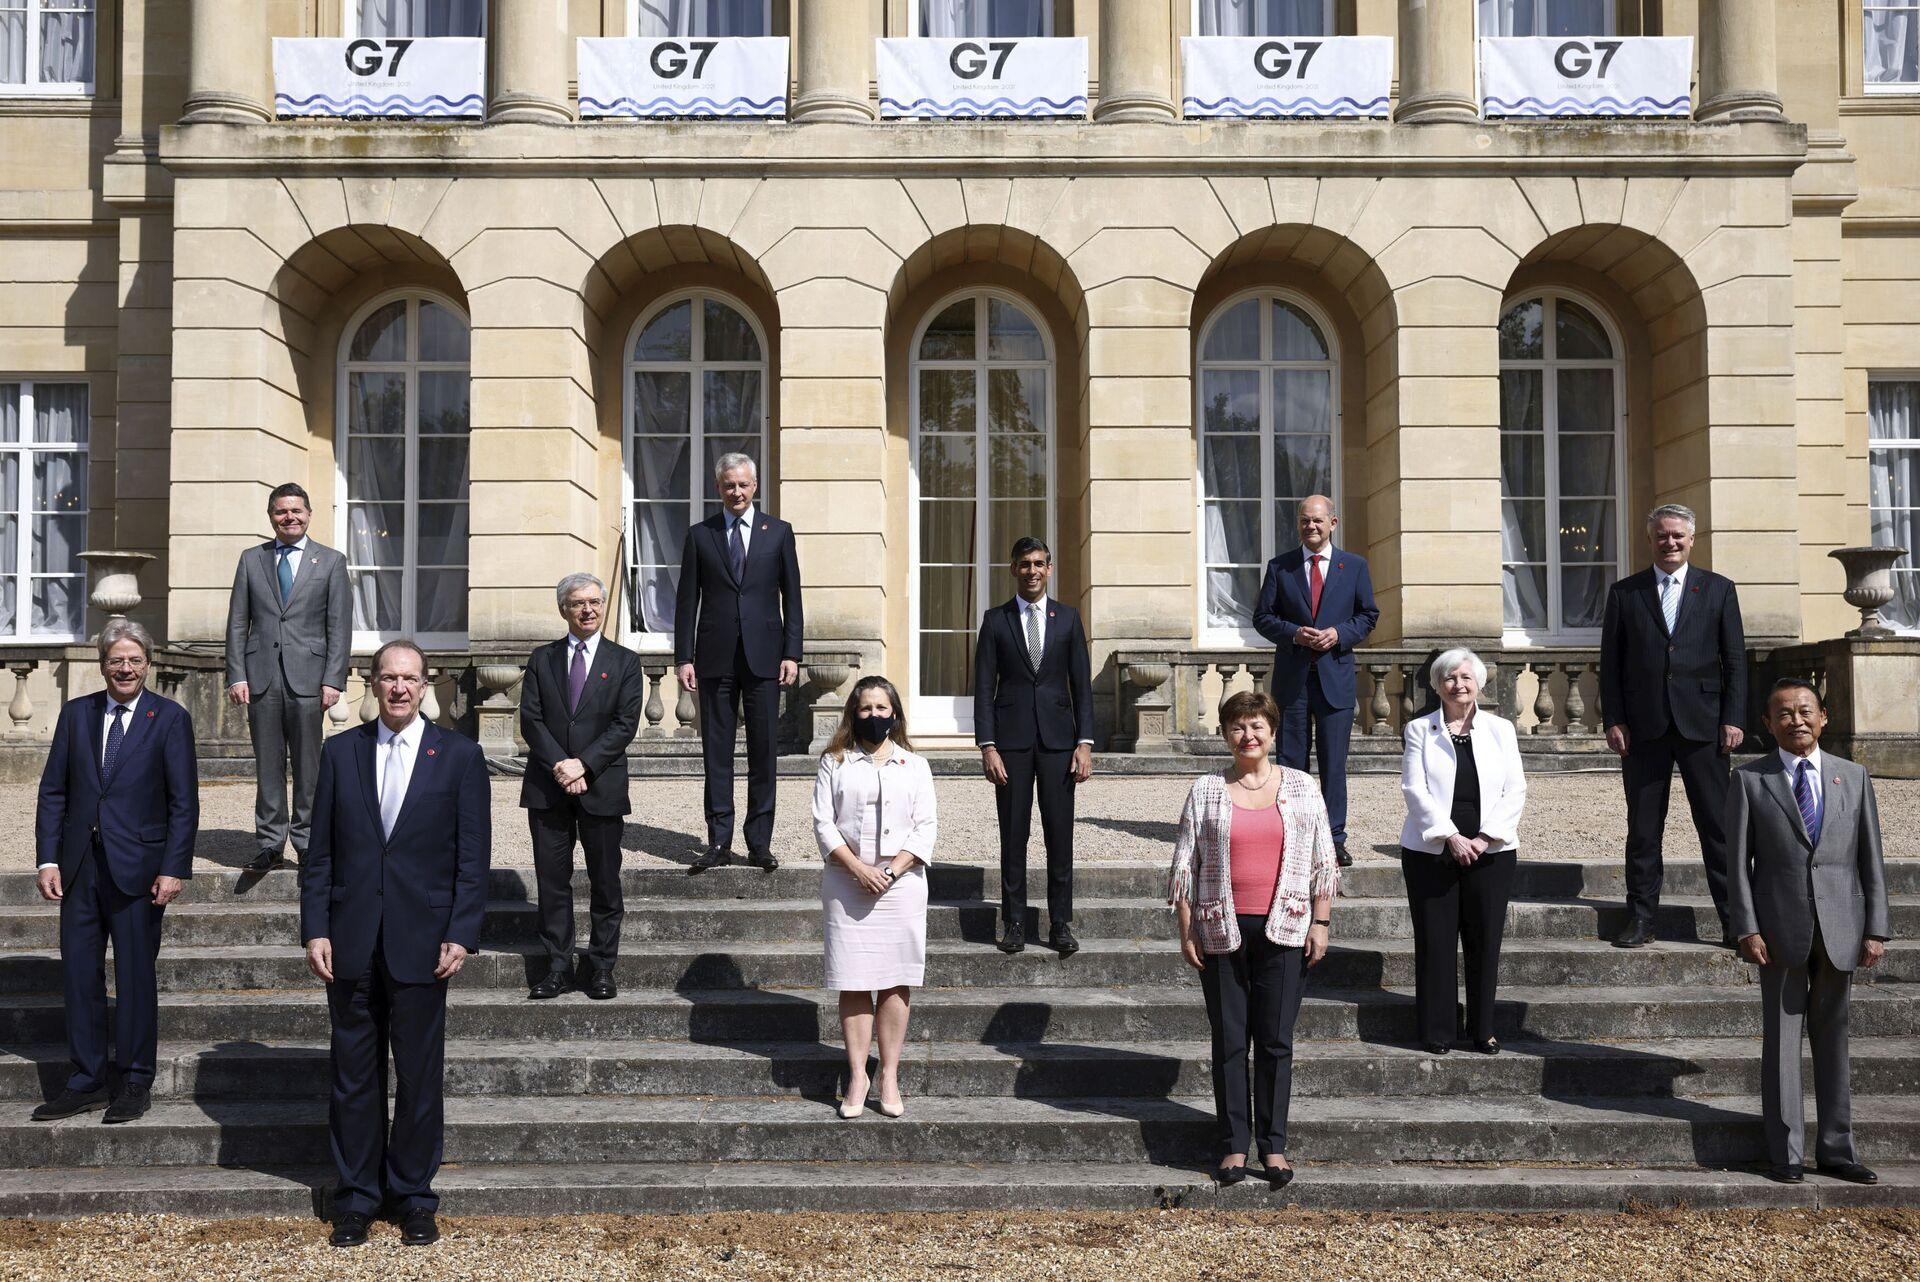 Састанак министара финансија Г7 земаља у Лондону - Sputnik Србија, 1920, 13.07.2021